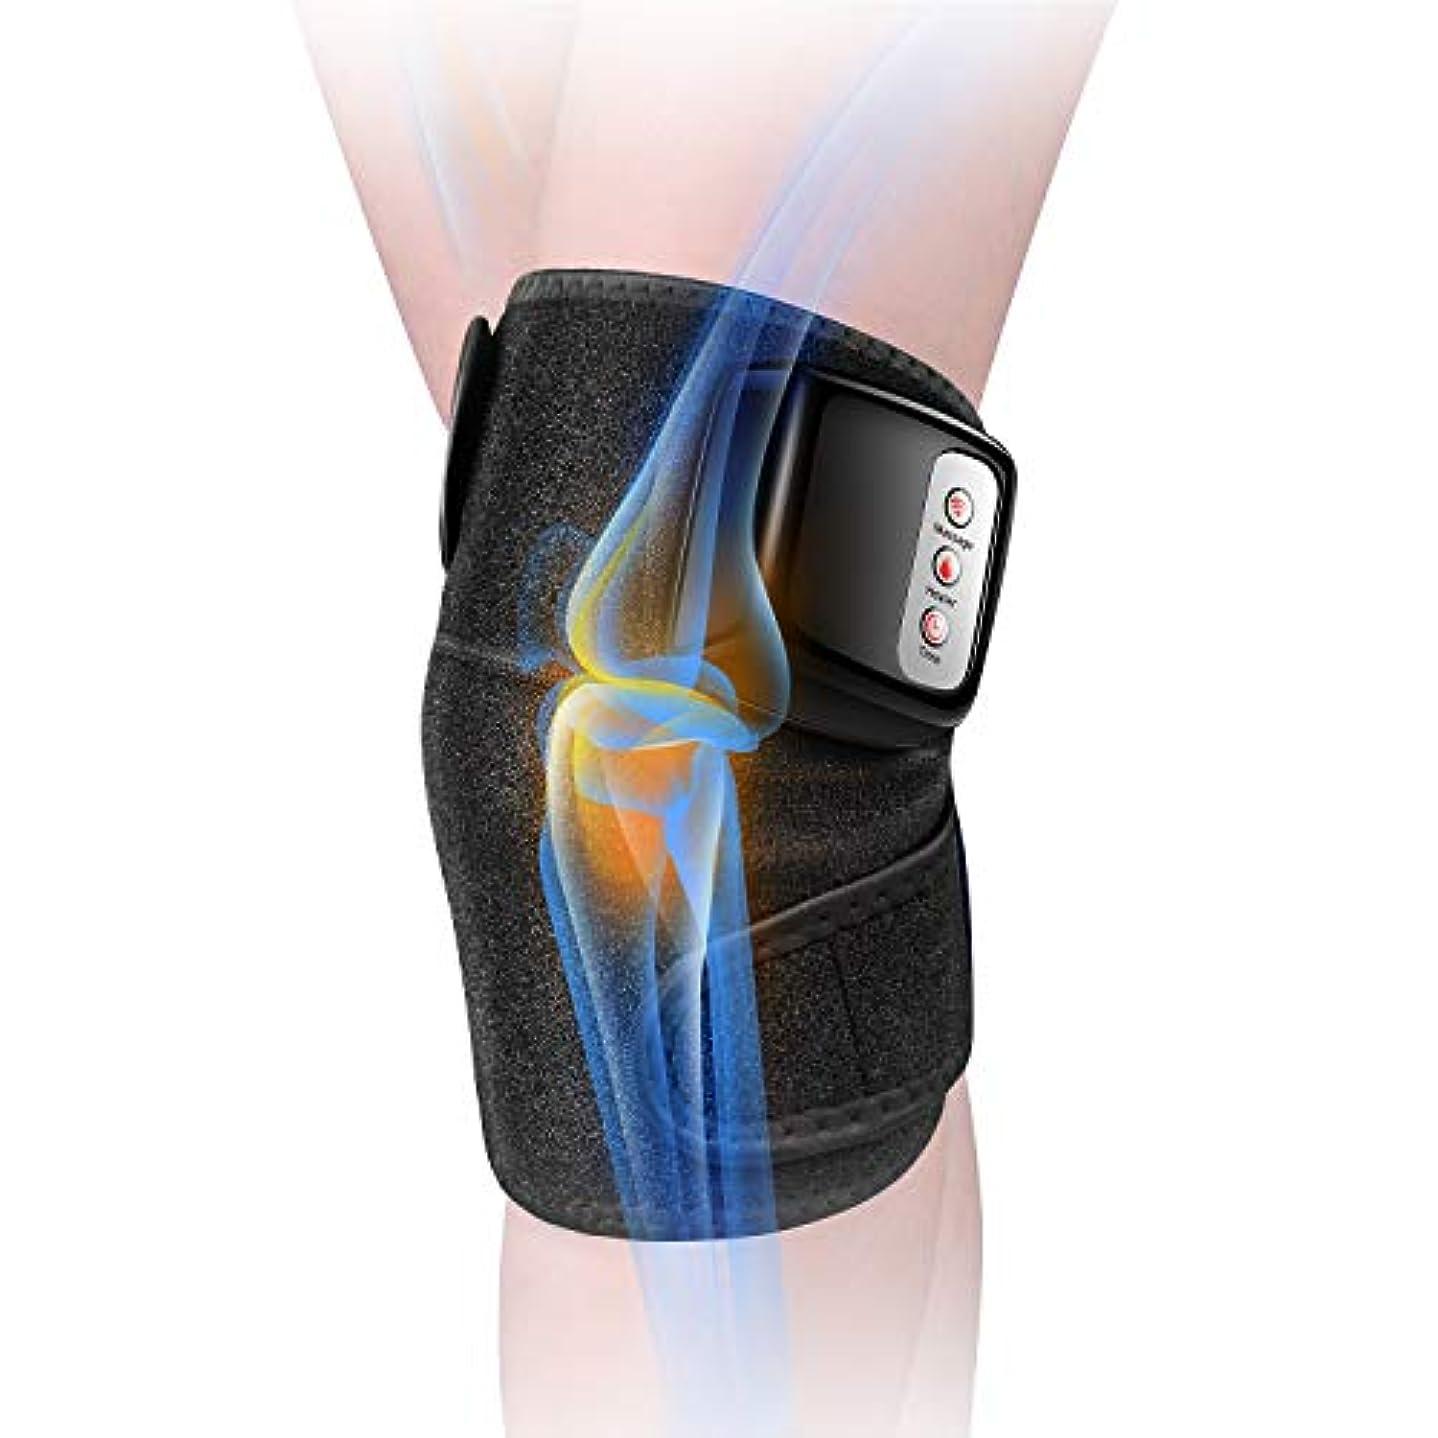 独特の怠なオセアニア膝マッサージャー 関節マッサージャー マッサージ器 フットマッサージャー 振動 赤外線療法 温熱療法 膝サポーター ストレス解消 肩 太もも/腕対応